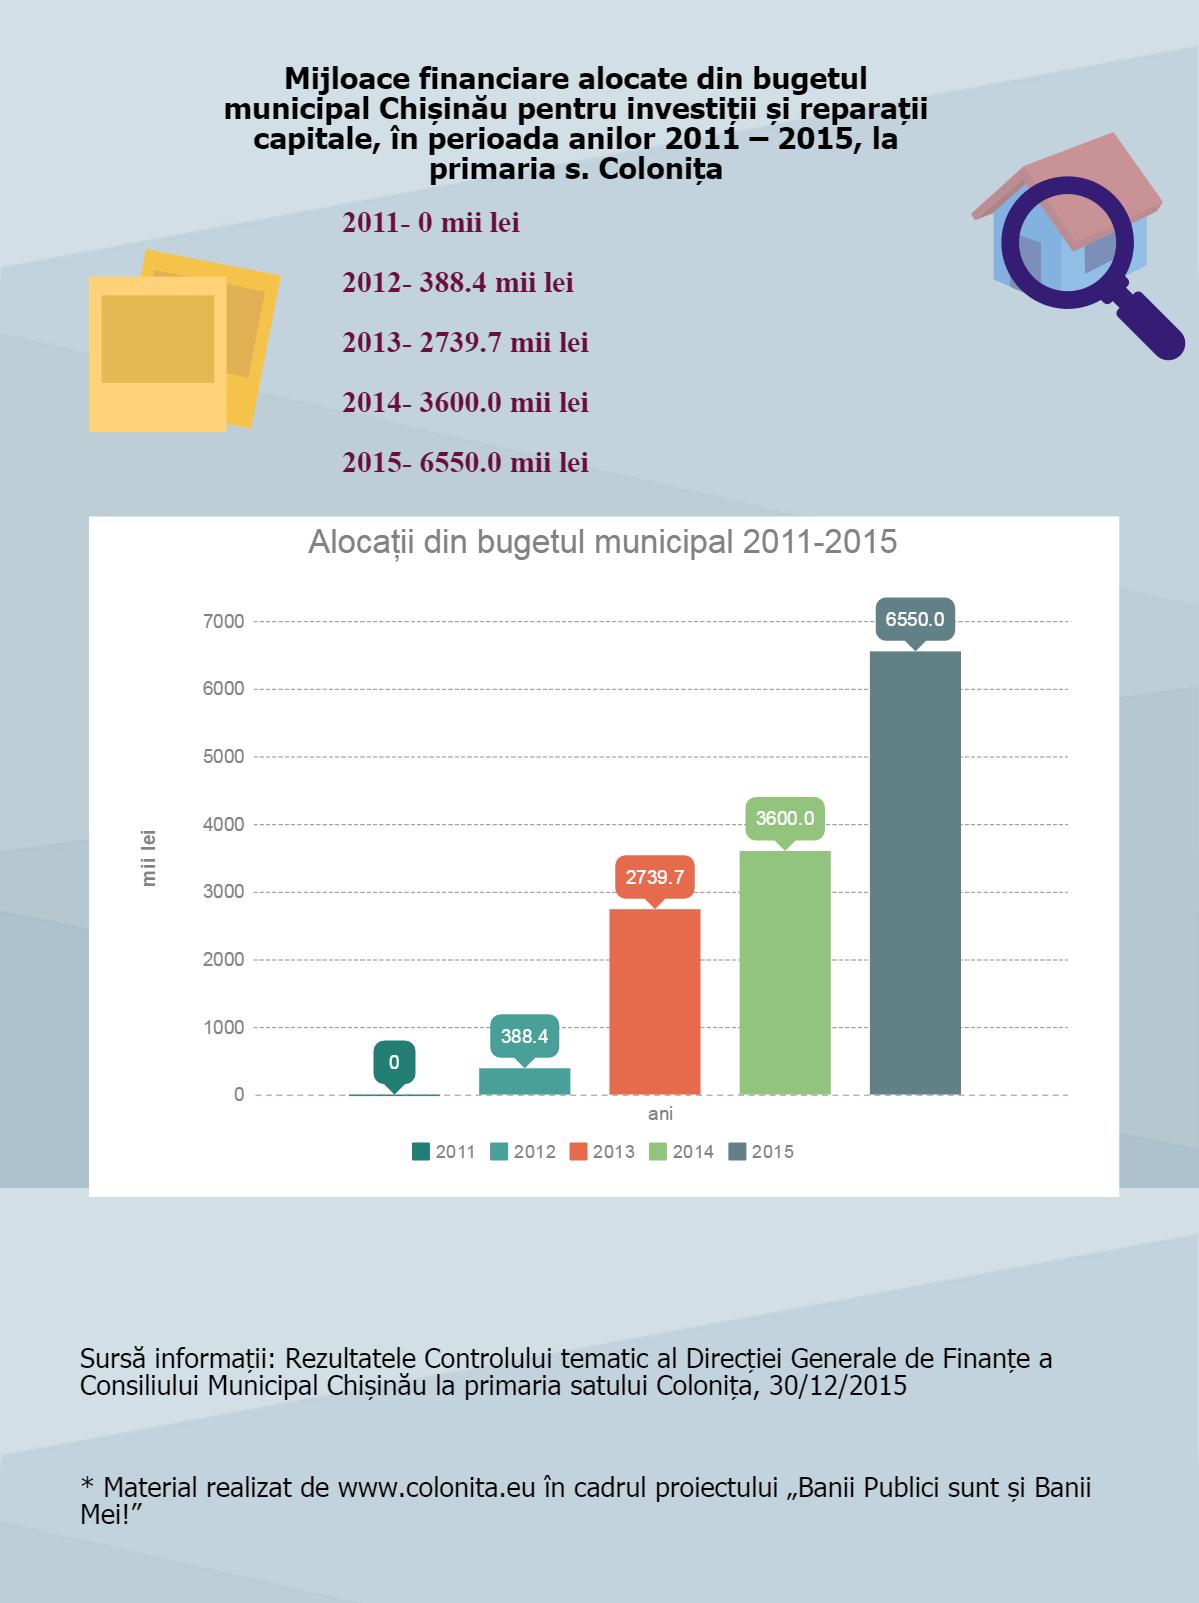 achizitii_2012-2013-2014-2015